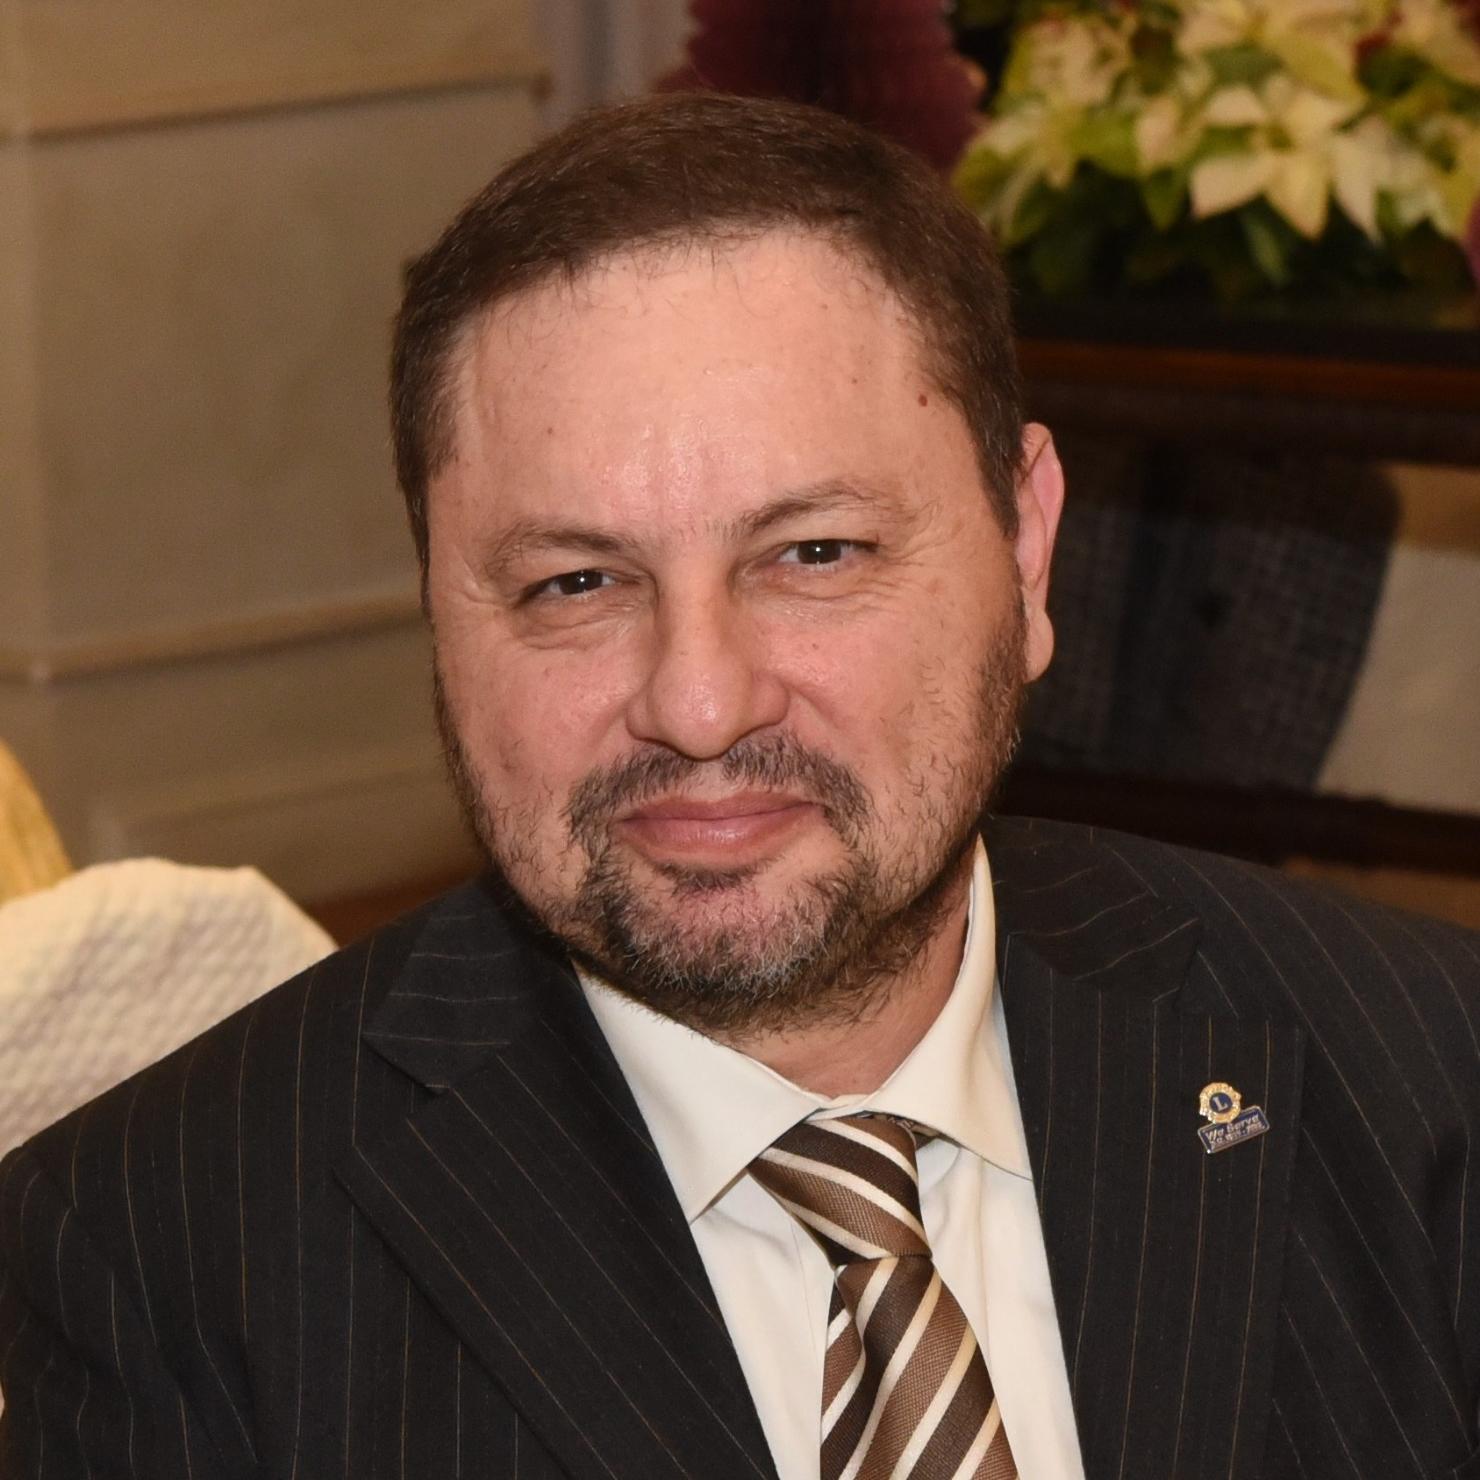 Nunzio Santoro